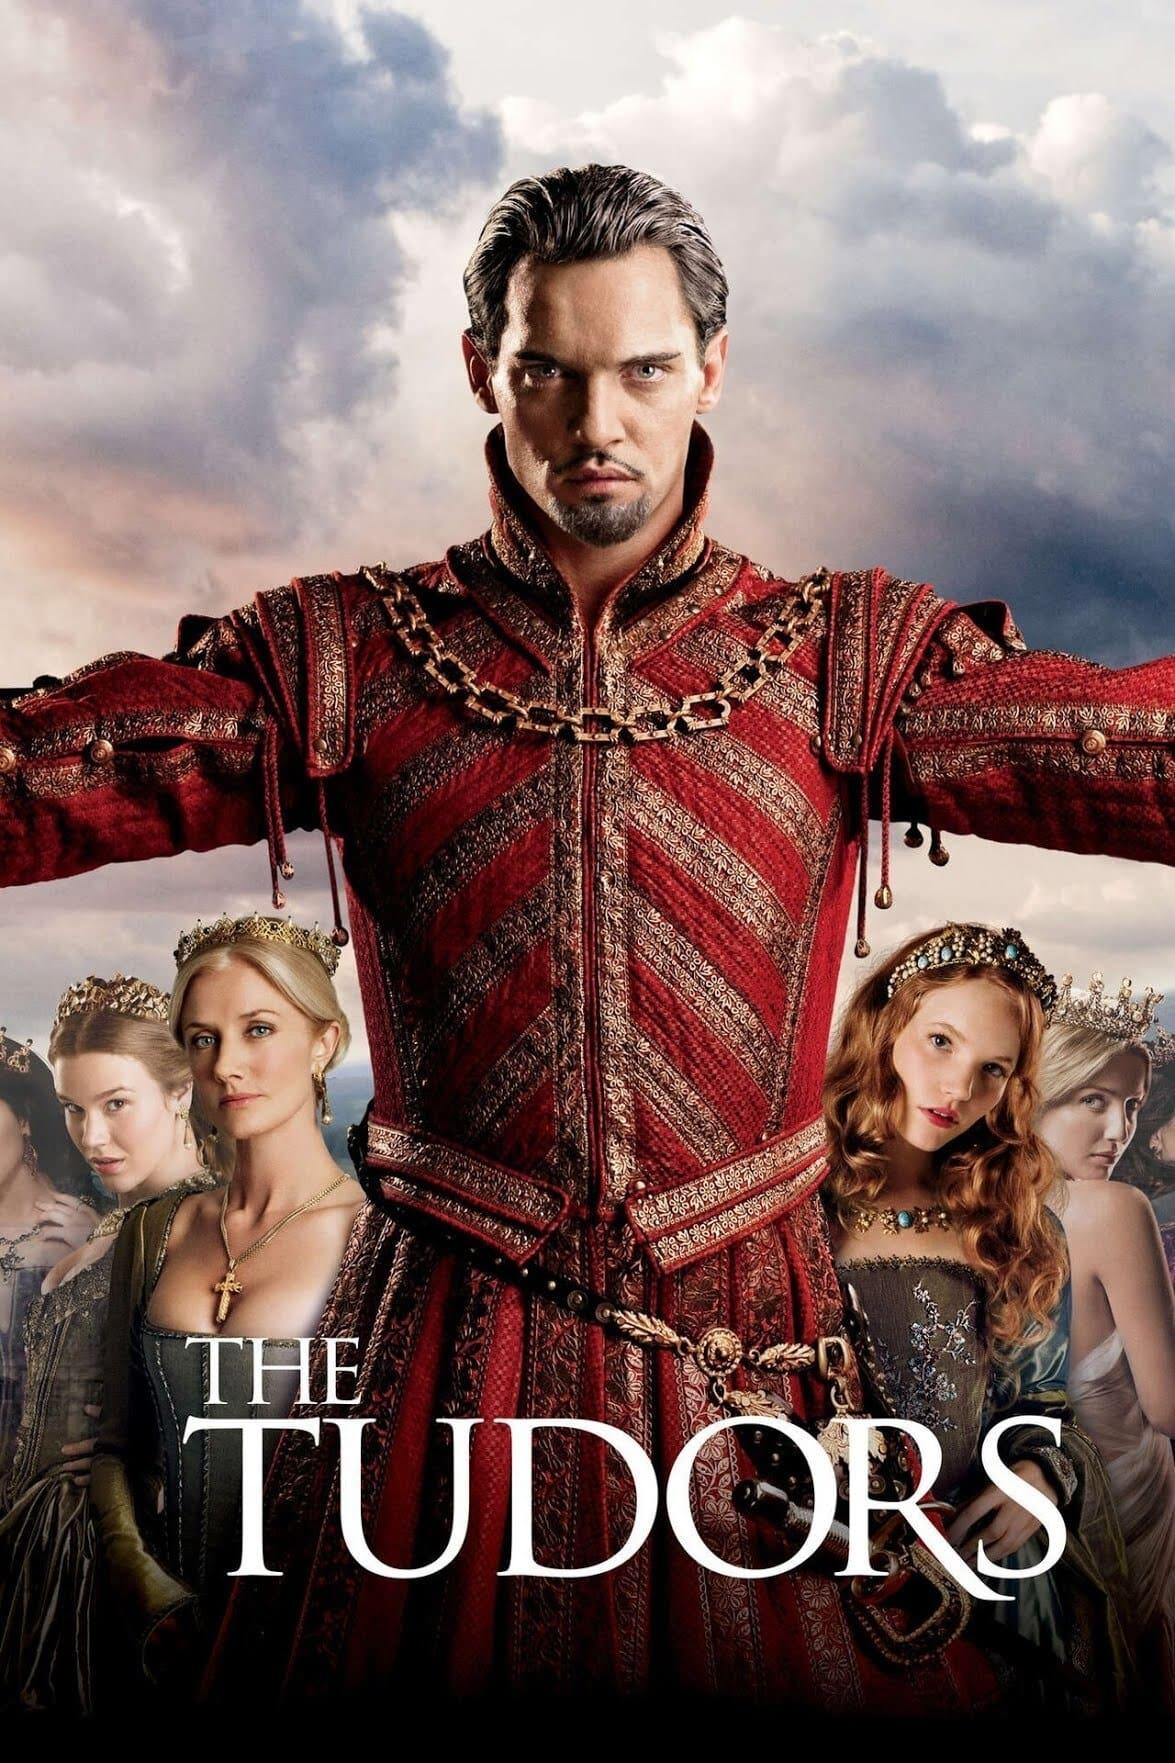 ტიუდორები / The Tudors